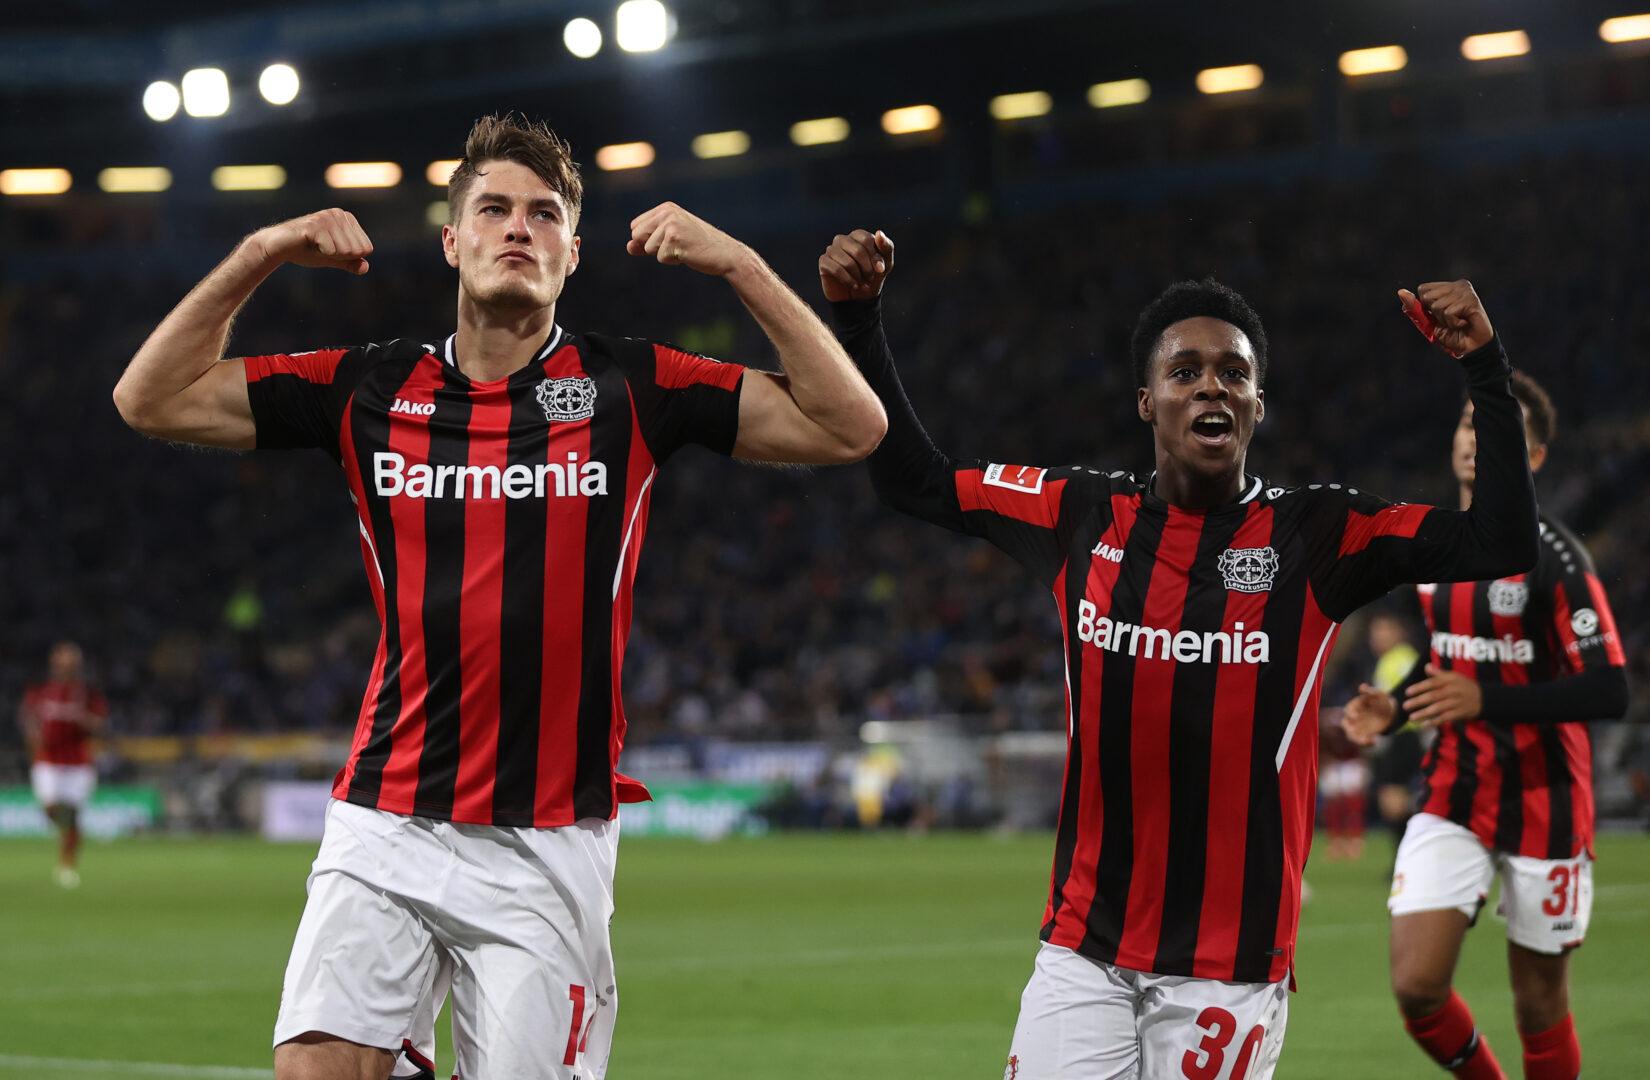 Patrik Schick und Jeremie Frimpong feiern das 3:0 für Leverkusen.